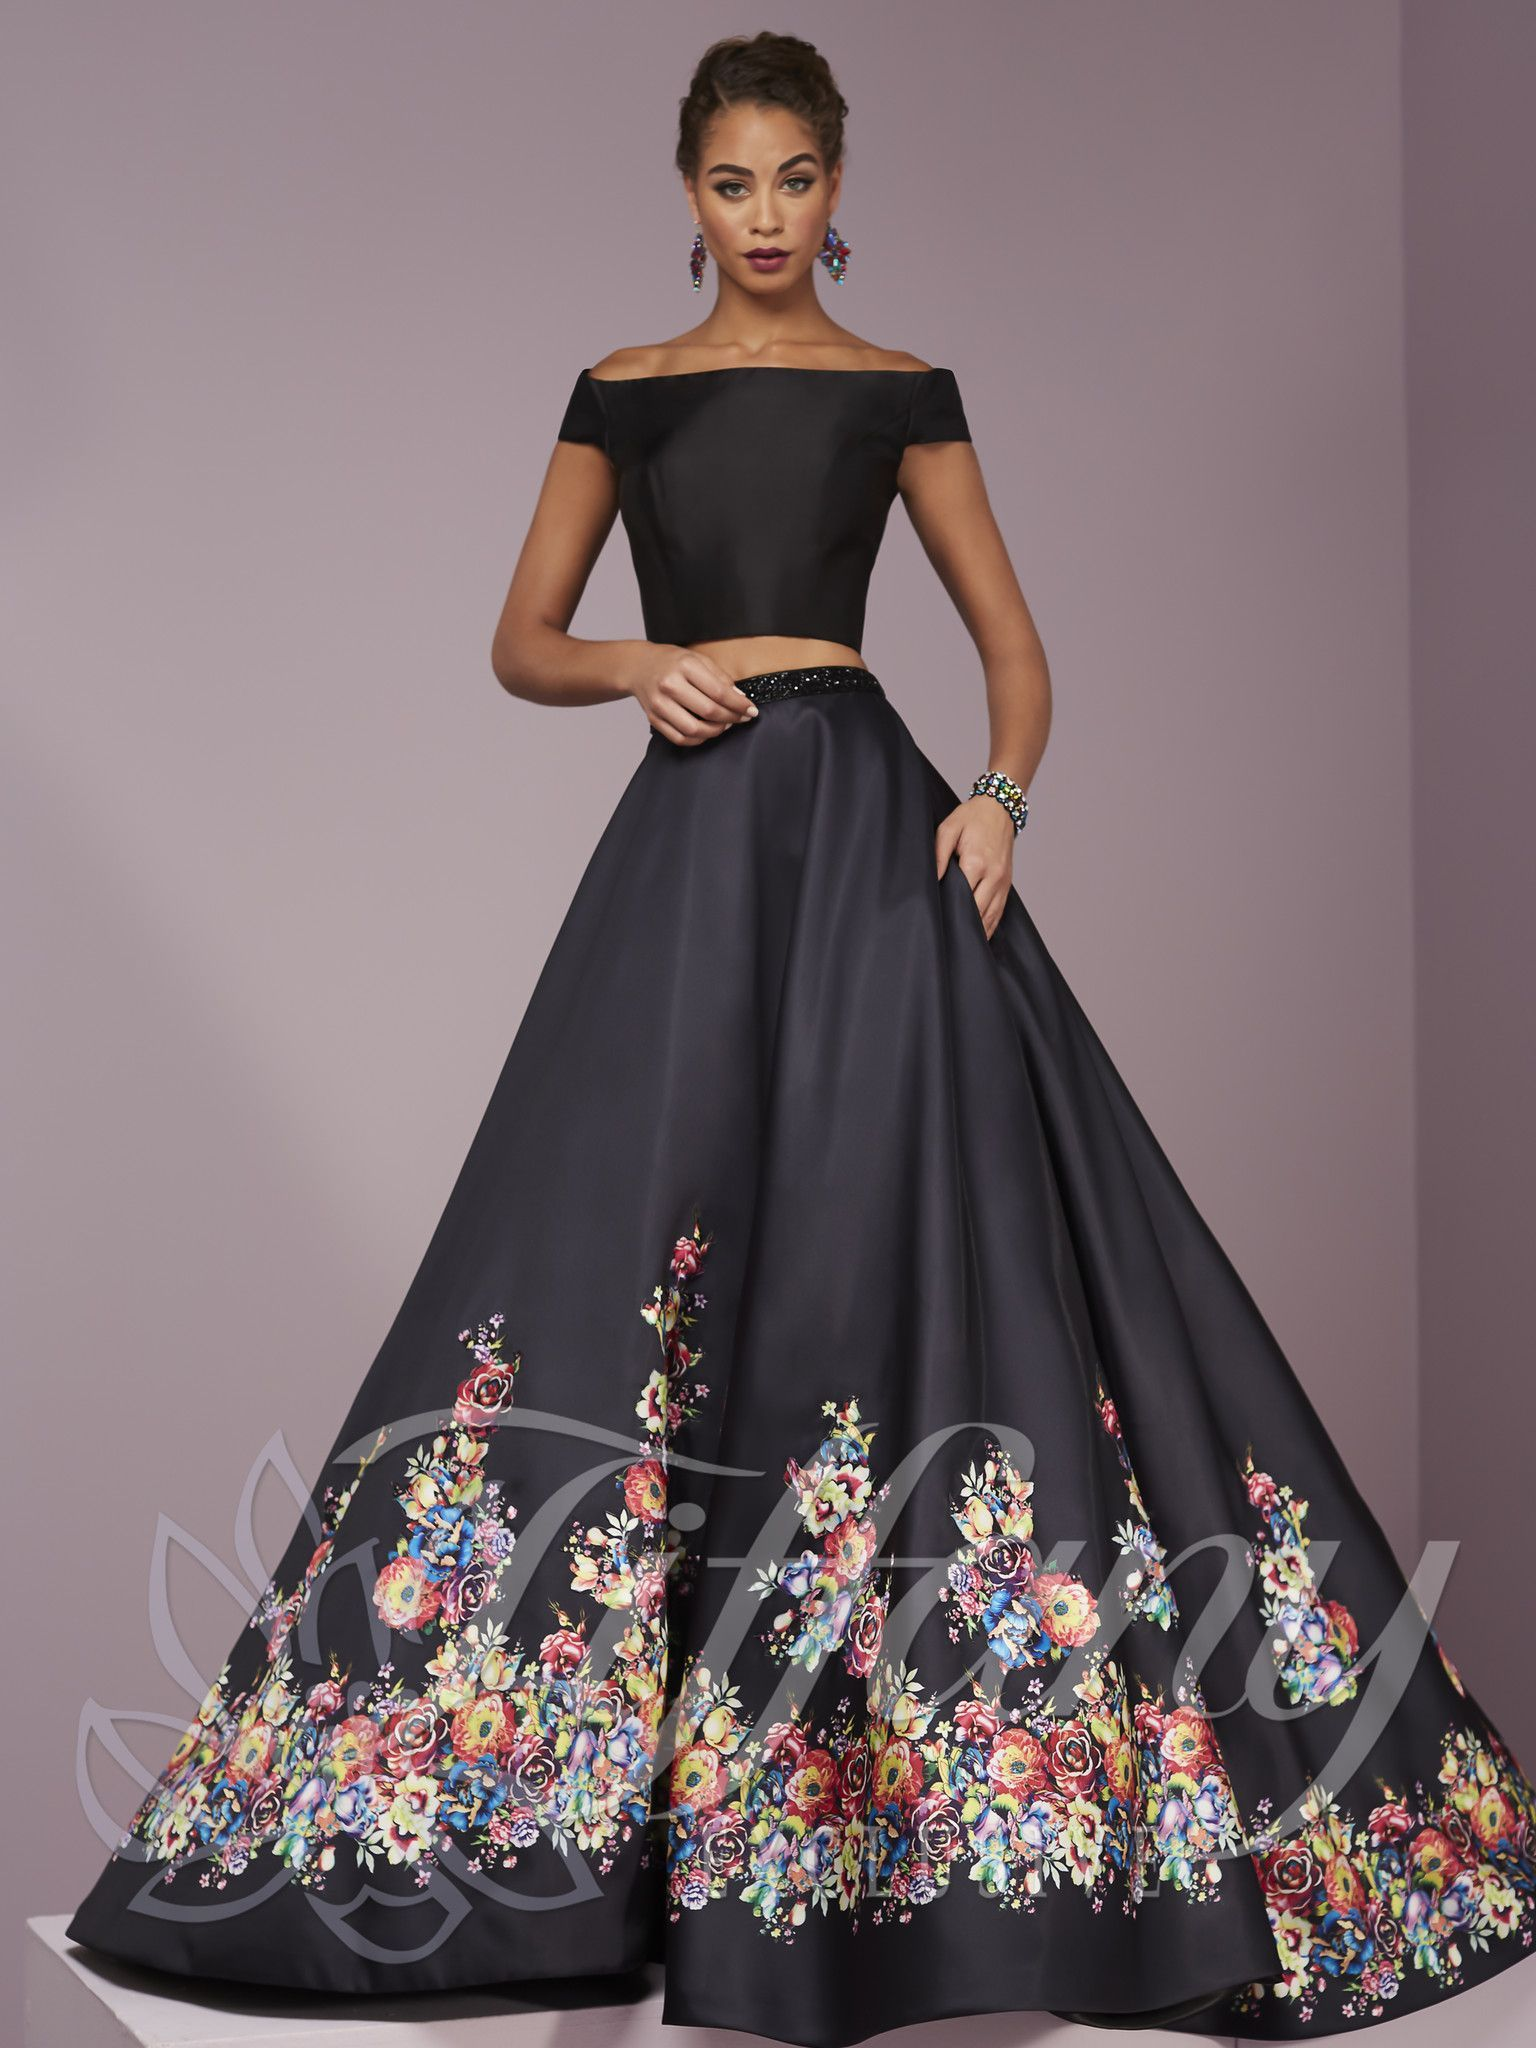 Tiffany Exclusives 46109 Black Floral Trimmed Cap Sleeve Two Piece Prom Dress Piece Prom Dress Prom Dresses Dresses [ 2048 x 1536 Pixel ]